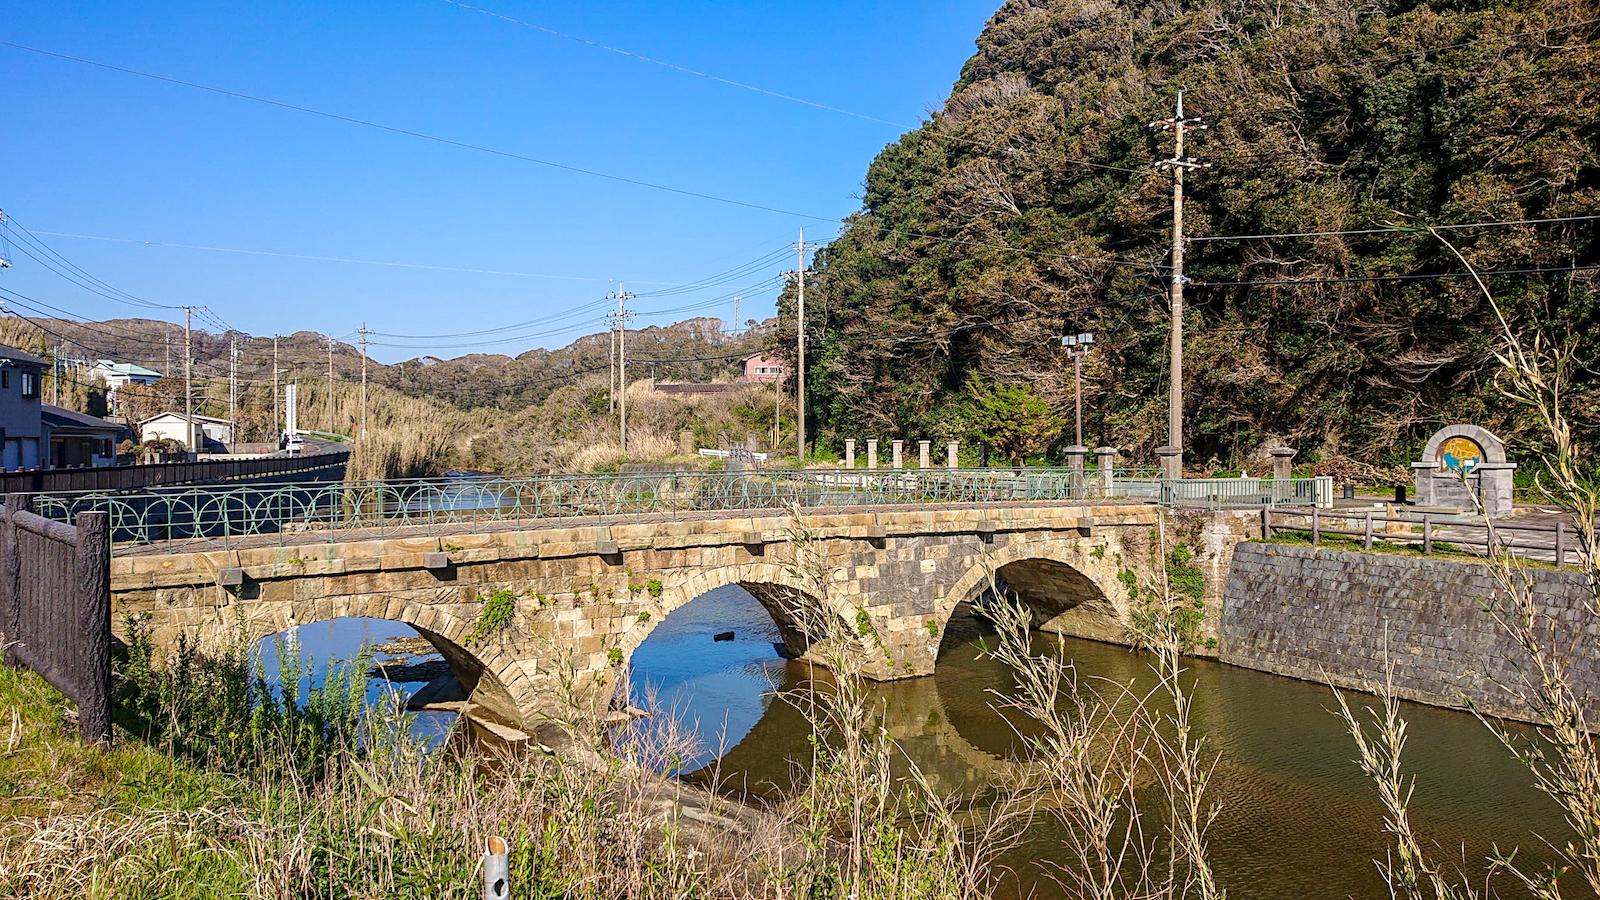 石積みが美しい眼鏡橋。橋を見ながらのピクニックも楽しい